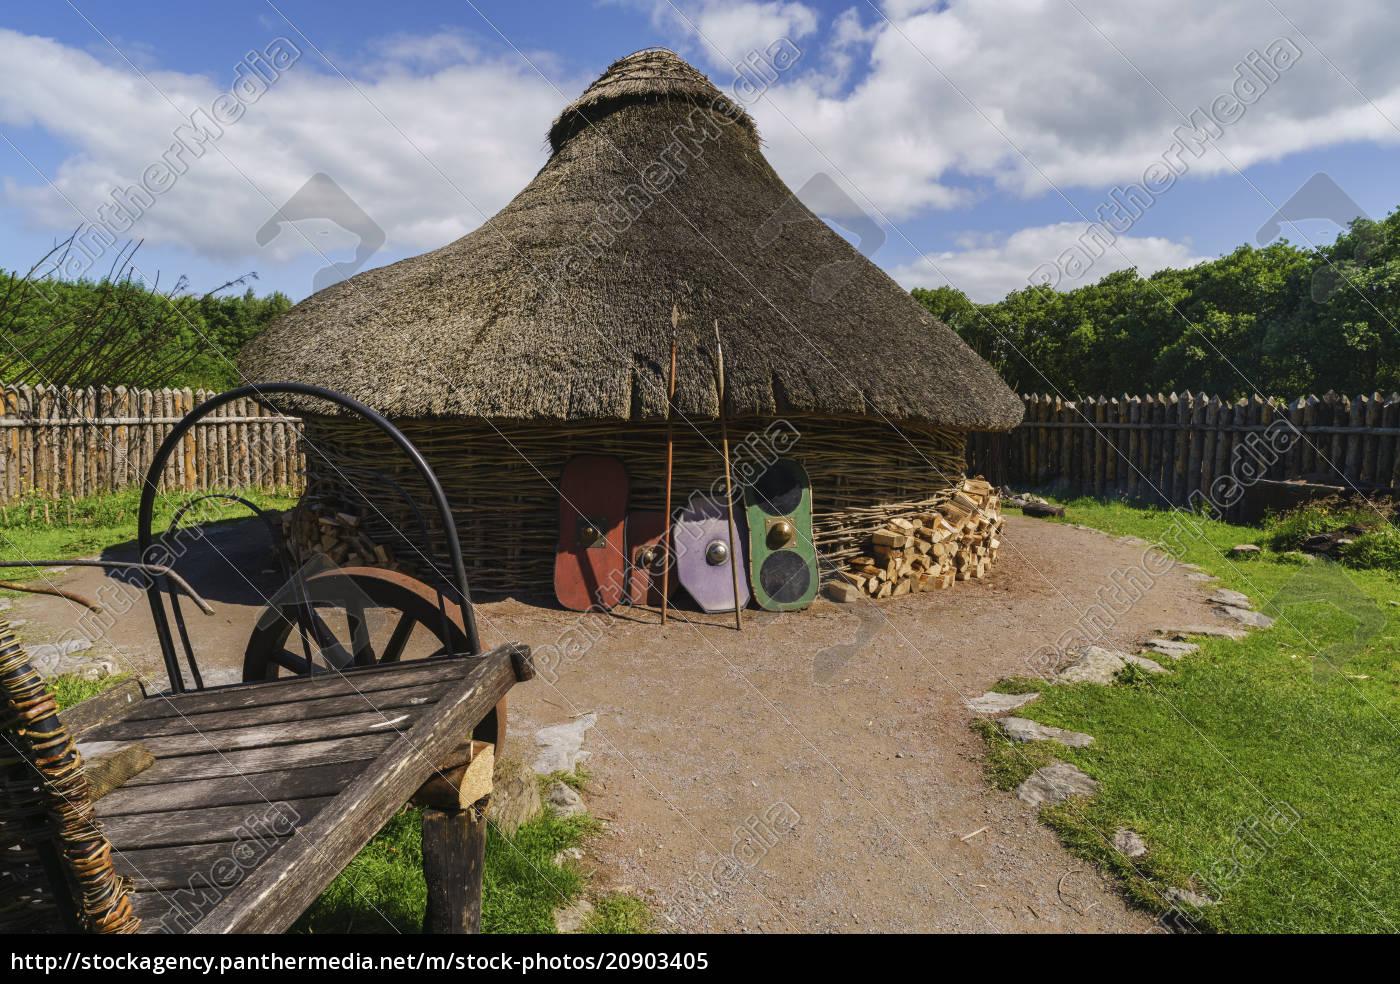 fahrt, reisen, architektonisch, historisch, geschichtlich, kulturell - 20903405